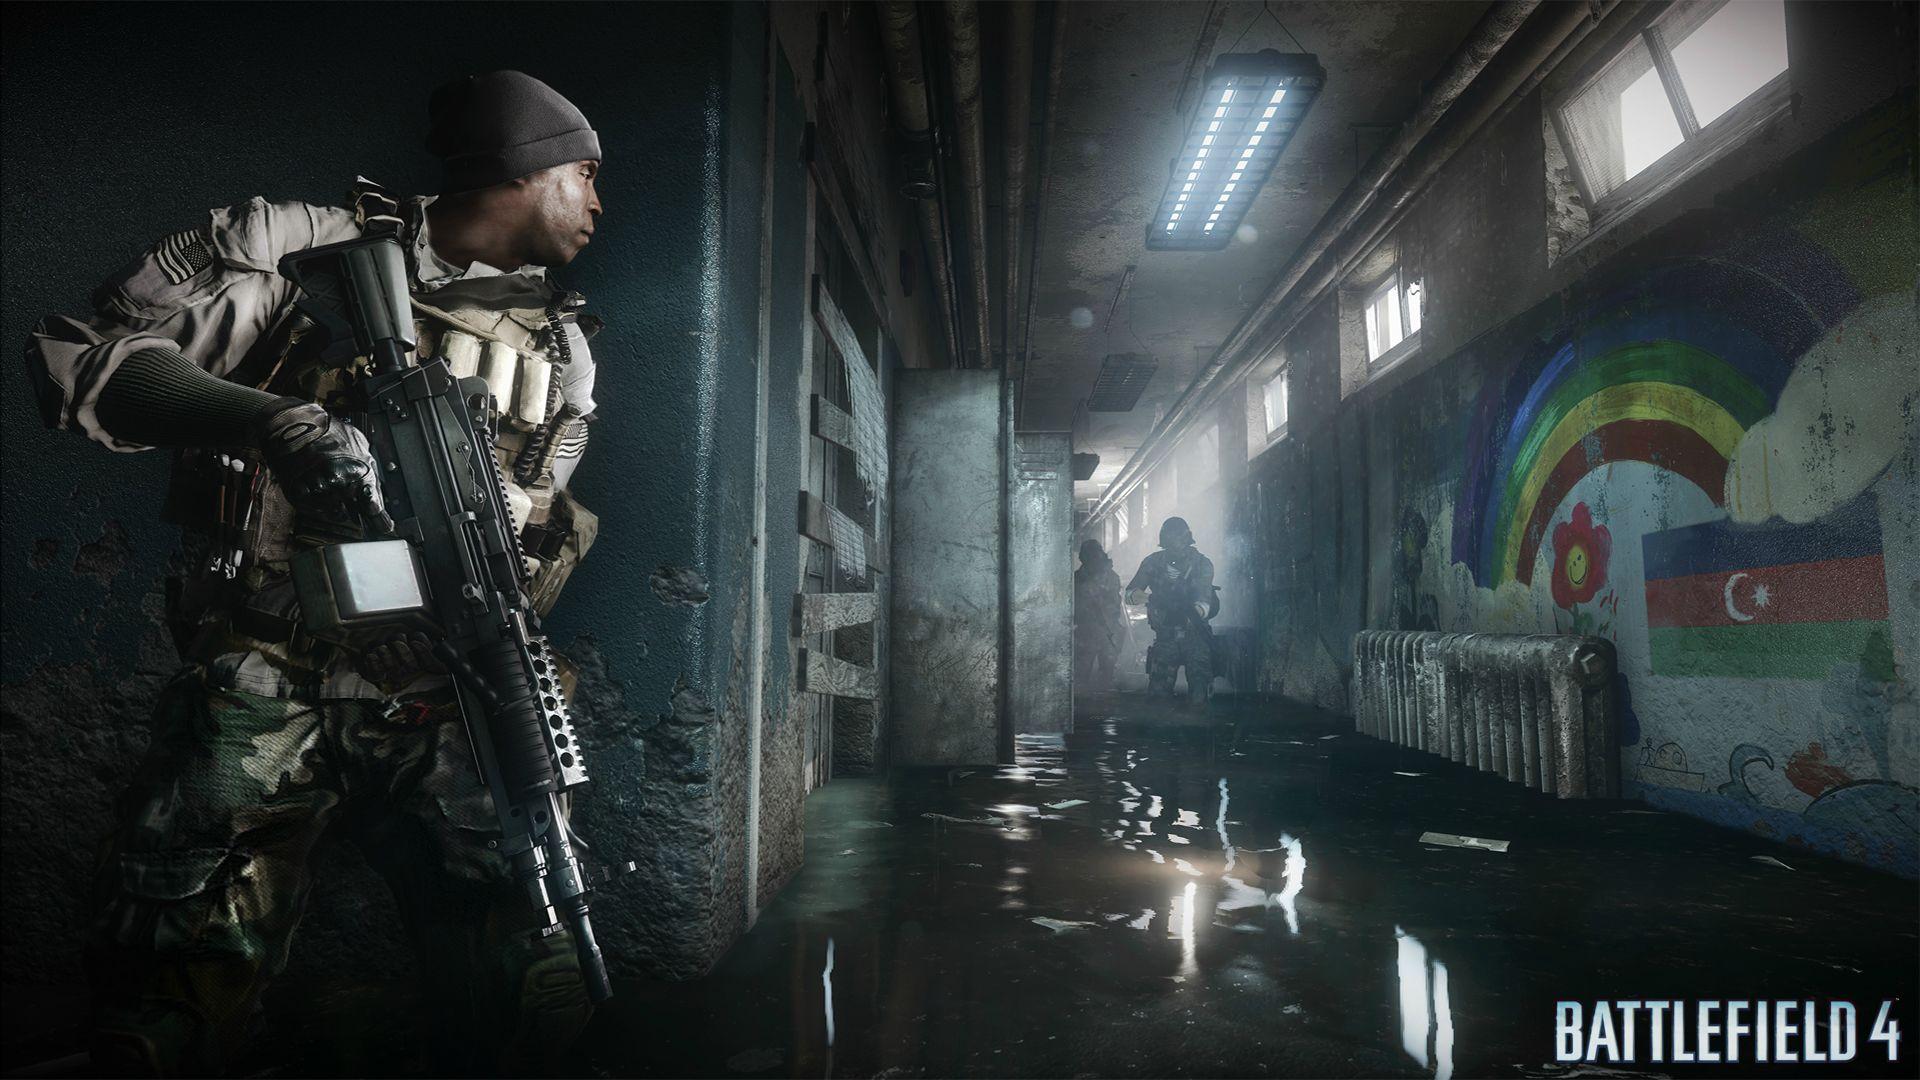 Que tal um tiroteio dentro de uma escola abandonada de Battlefield 4? (Foto: Divulgação)